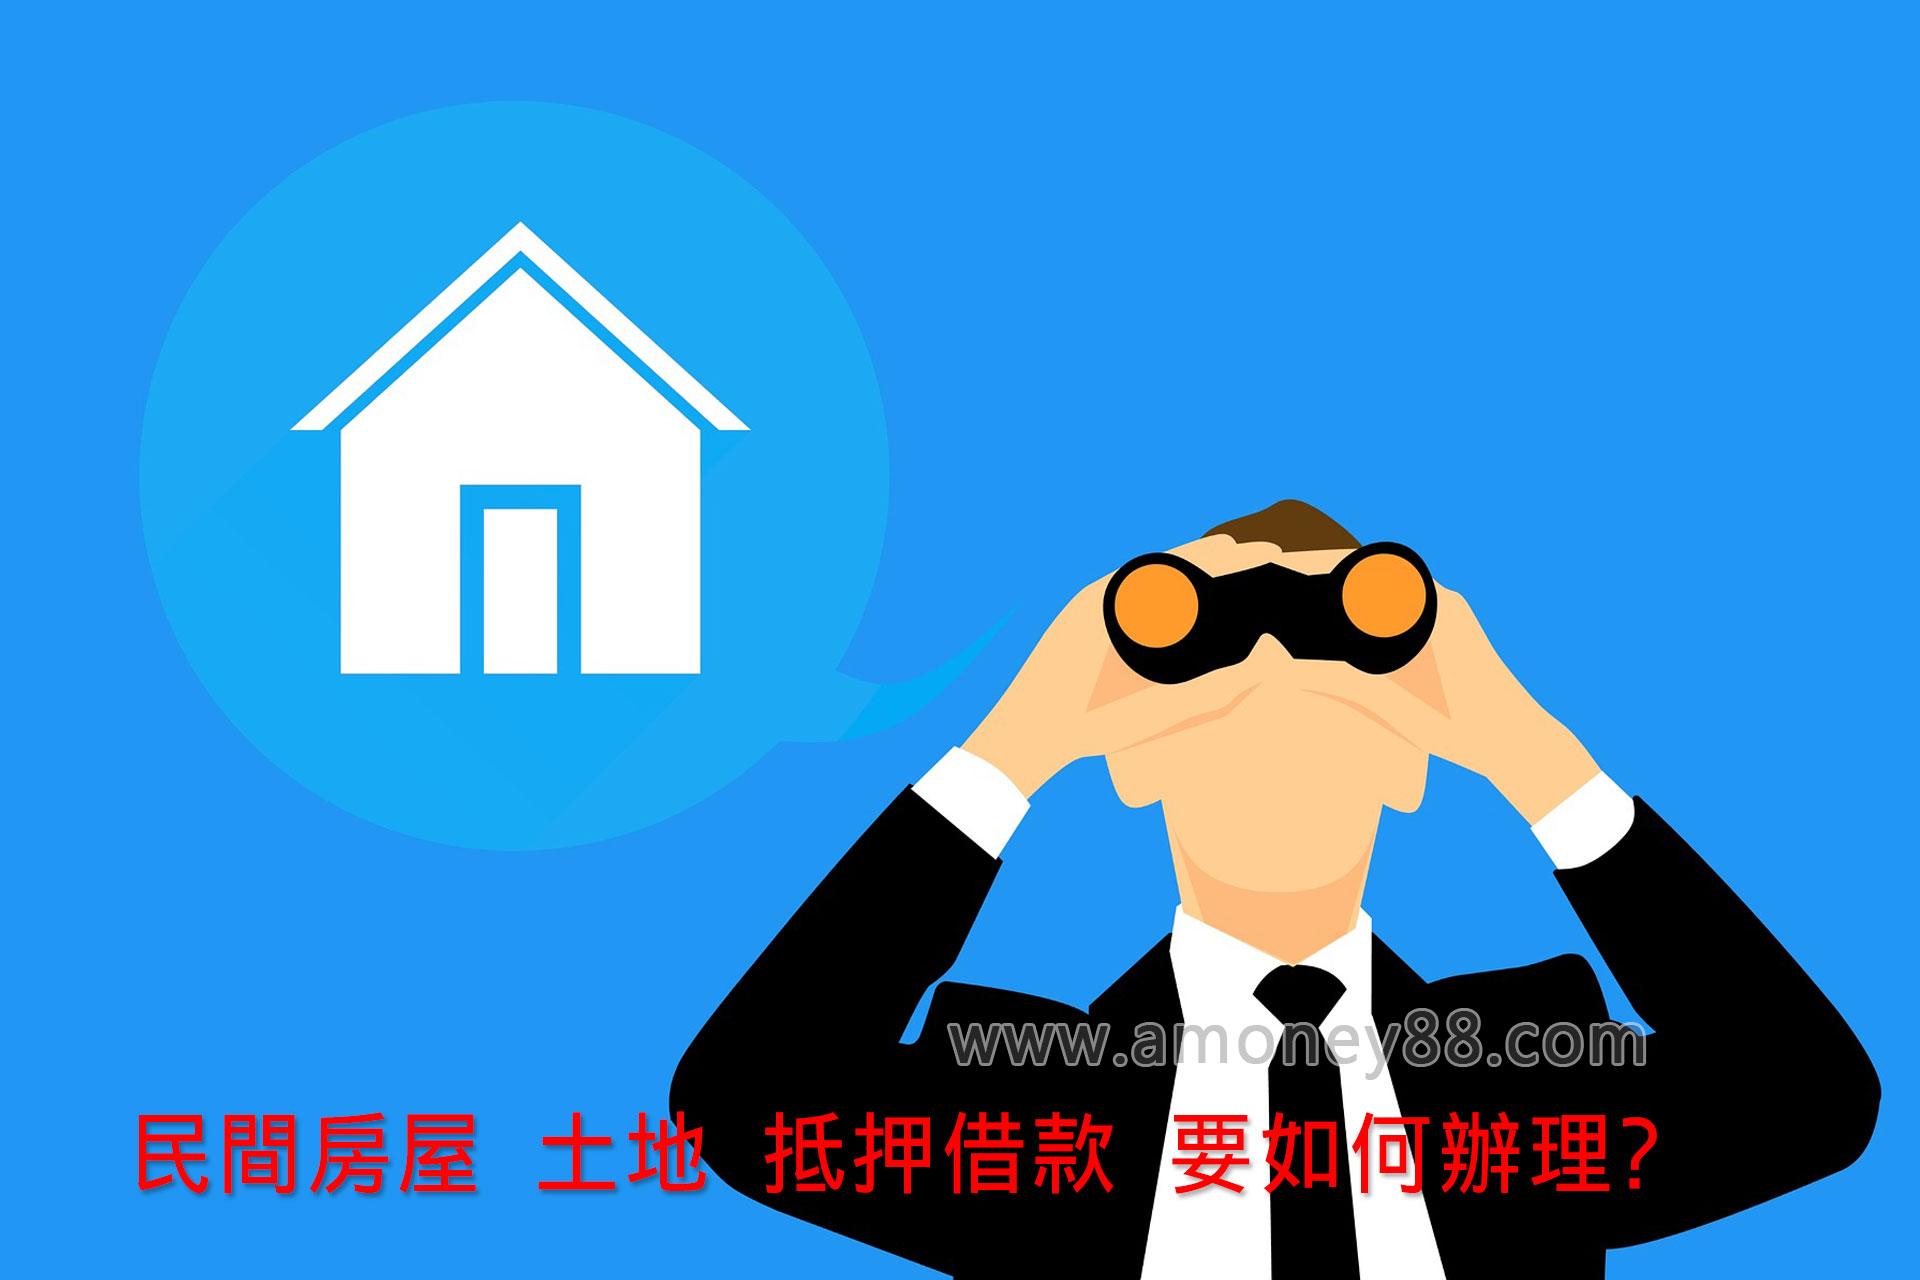 民間房屋抵押貸款